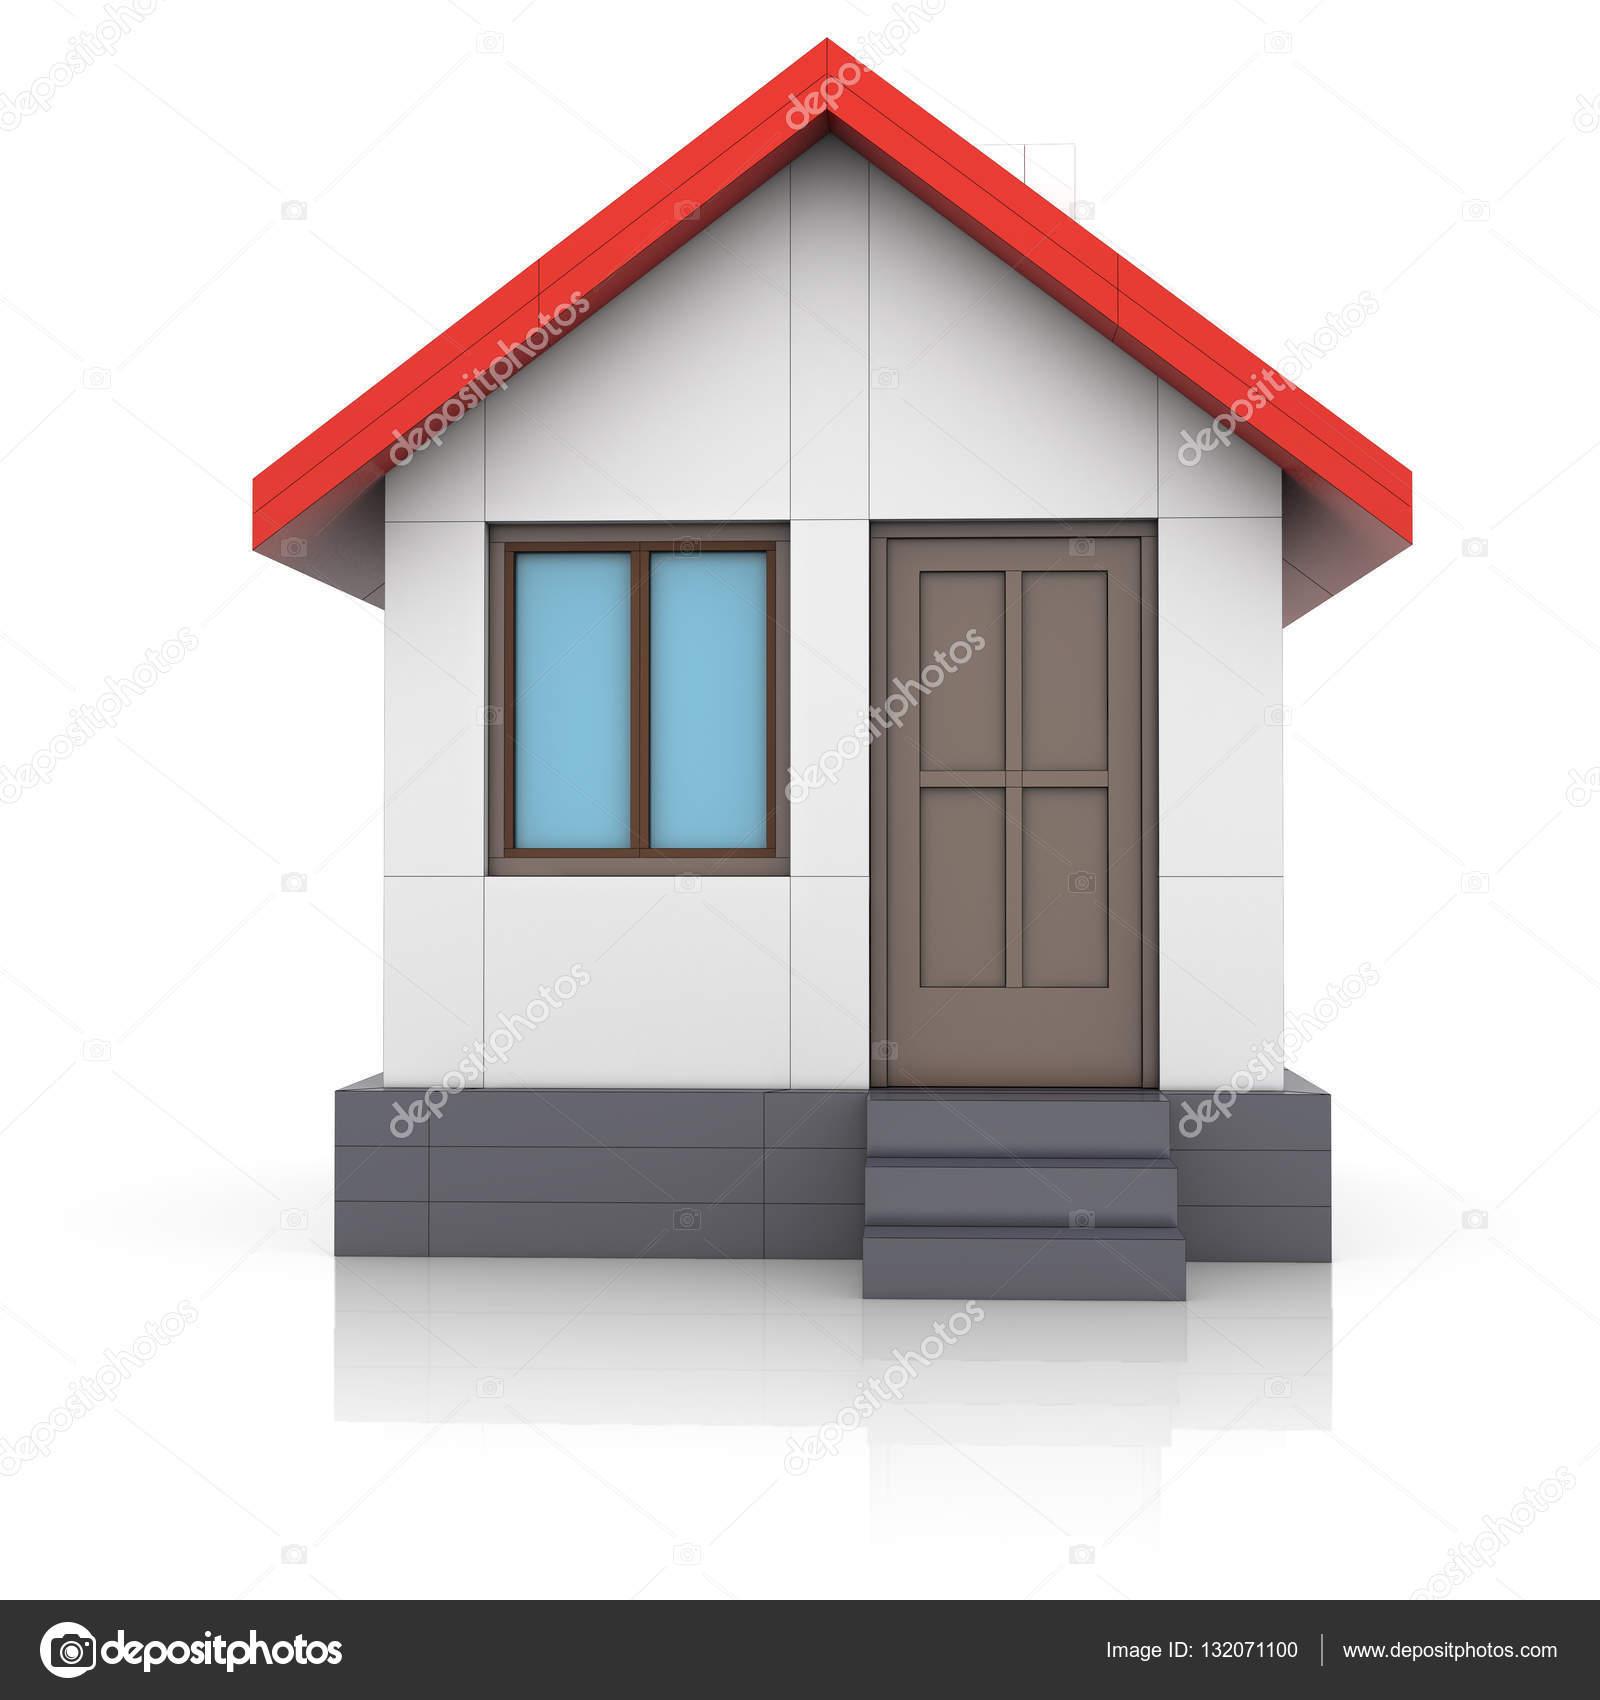 Dibujar casas en 3d dise o de interiores online for Diseno de casas online